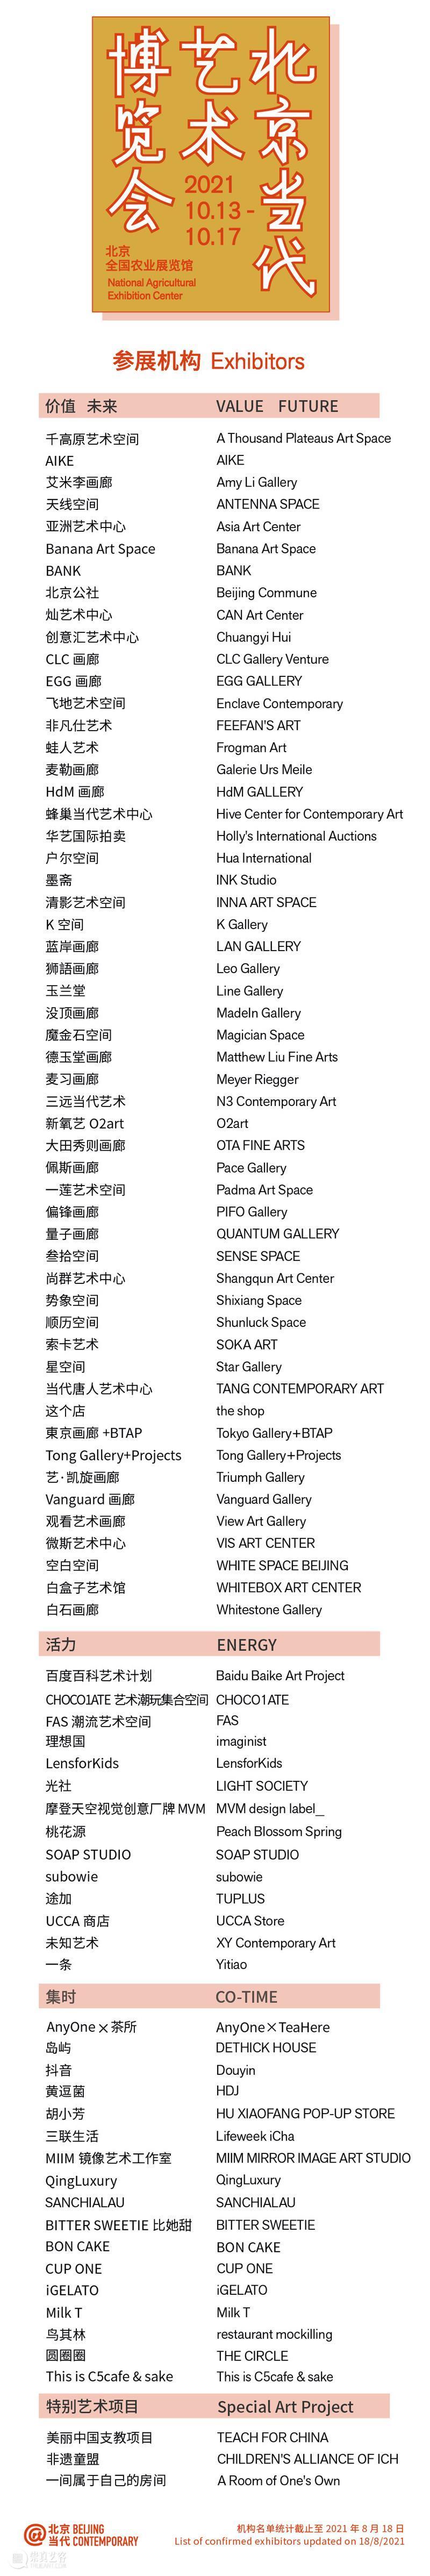 过去的未来主义艺术家:宋琨 宋琨 过去 未来 主义 艺术家 赛博格 躯体 泛灵净界生物体 现场 材料 崇真艺客